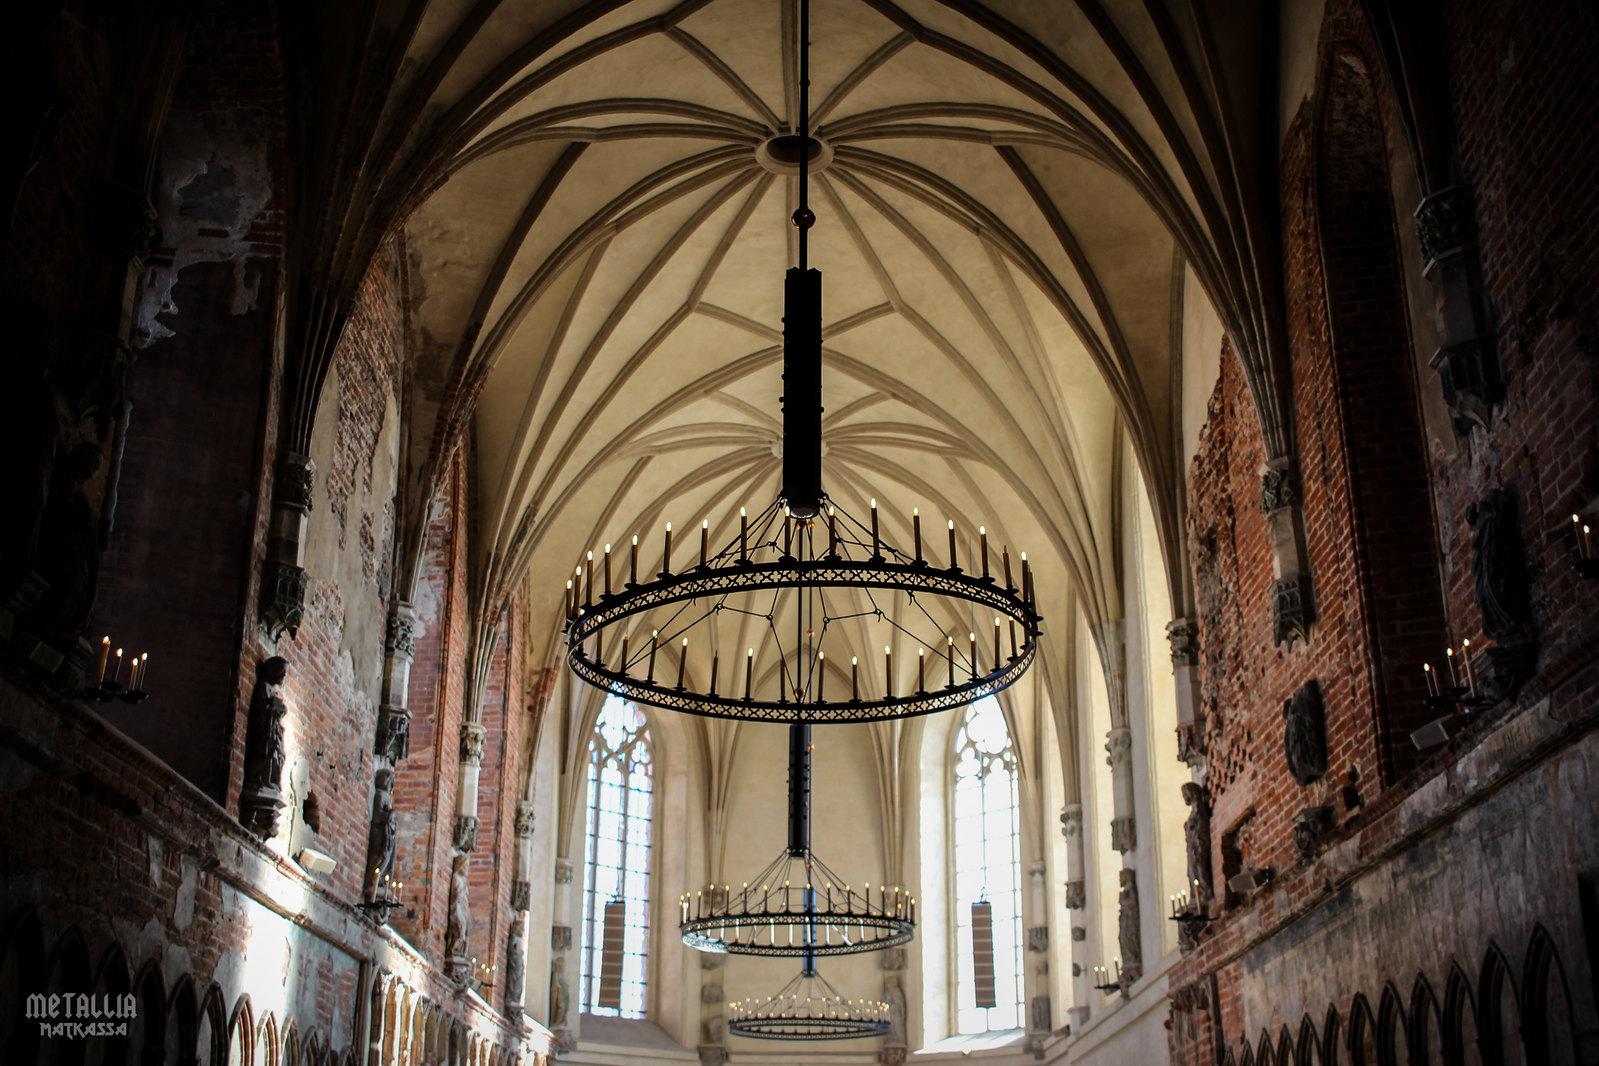 malbork castle, medieval castle, keskiaika, keskiaikainen linna, malborkin linna, malbork